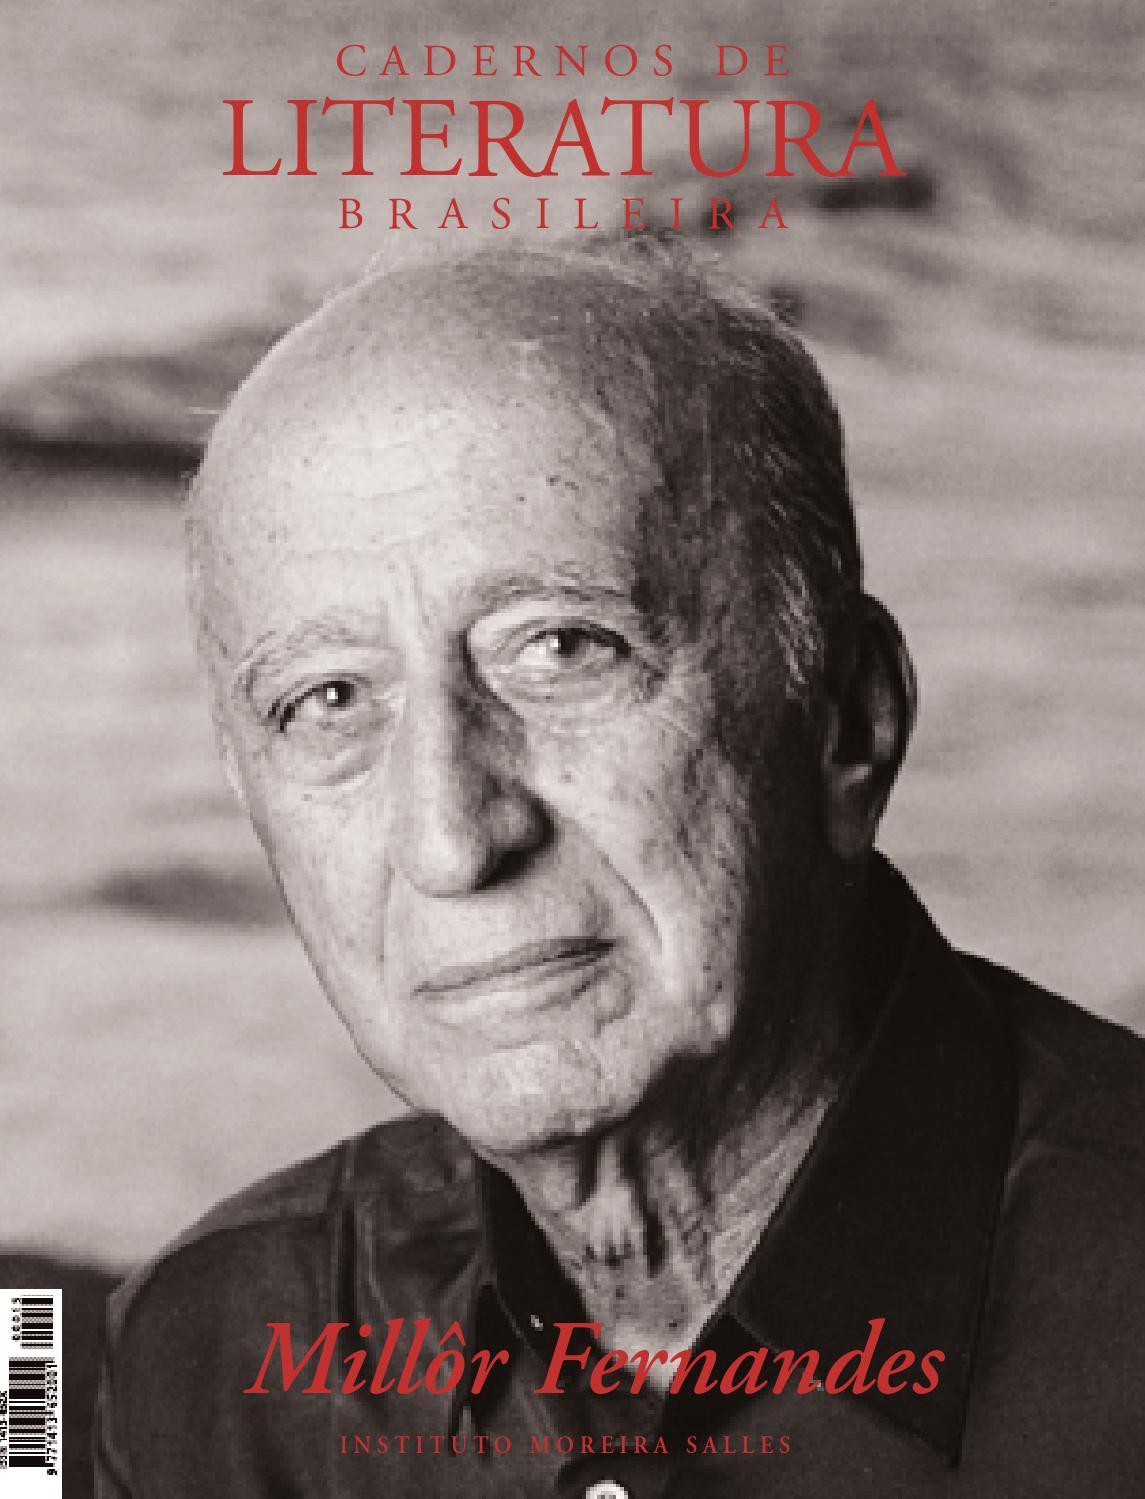 LAGRIMAS GONZAGA BAIXAR MUSICA ALEX DUAS